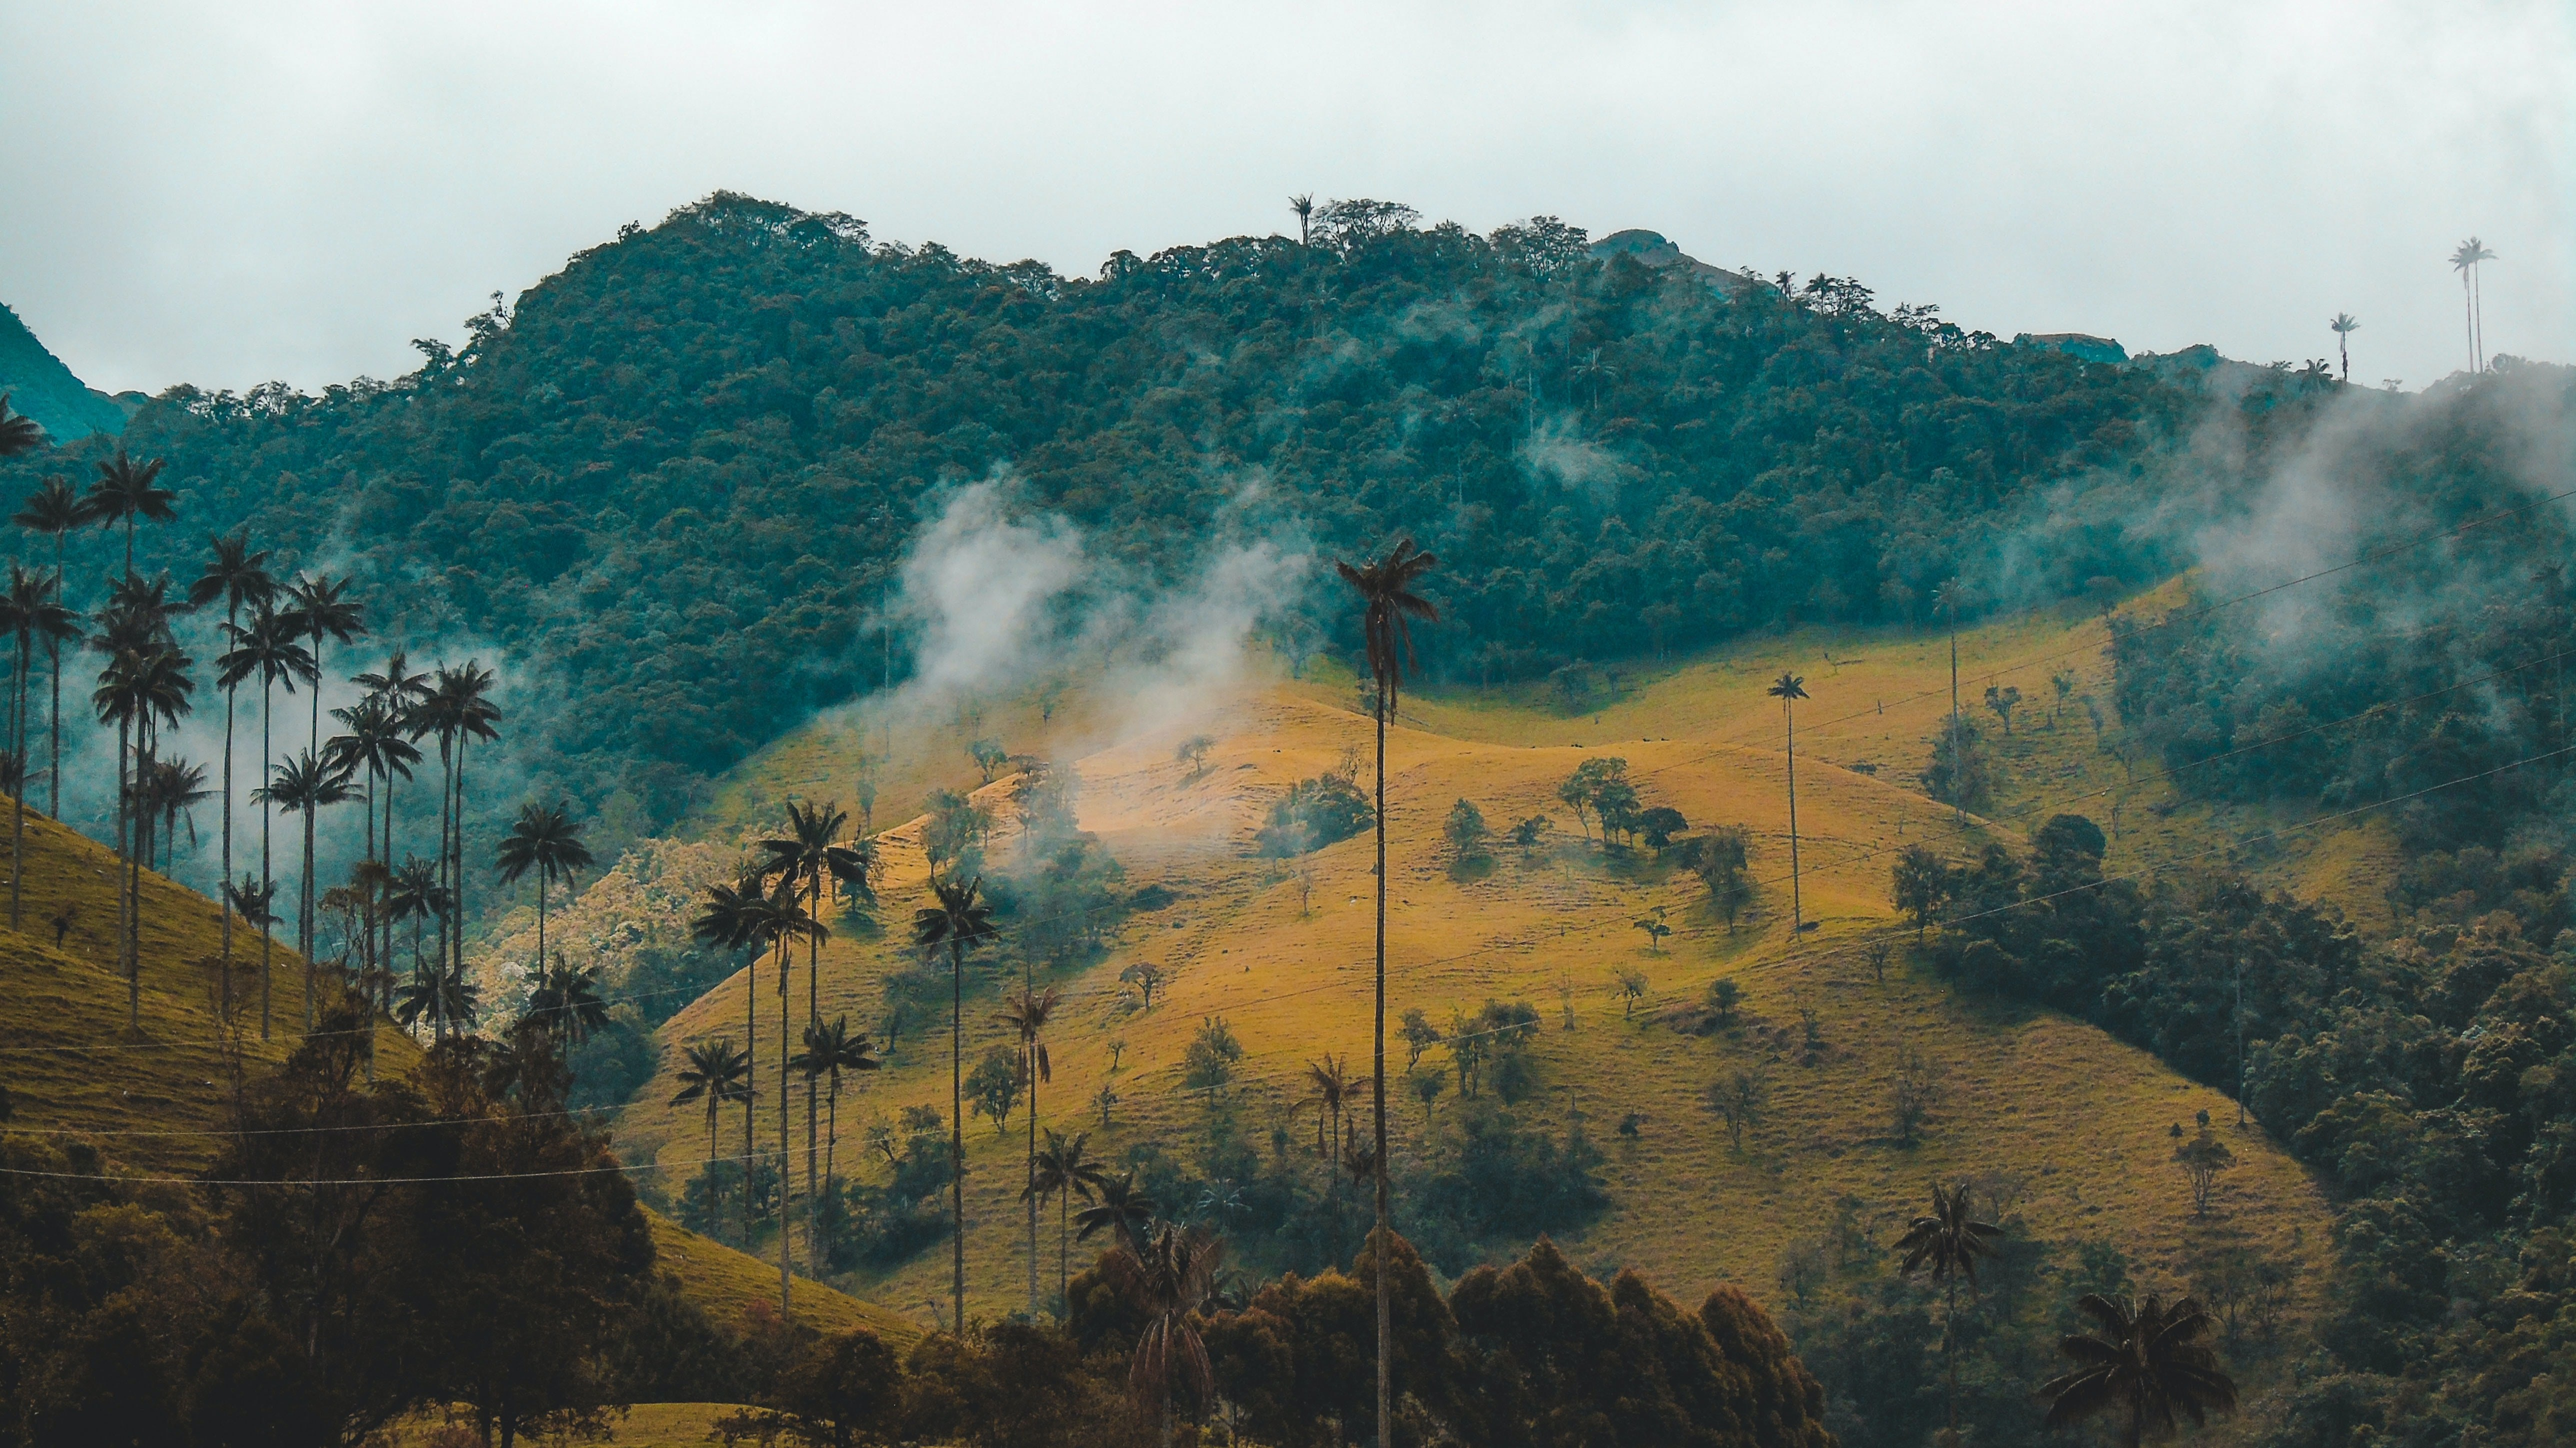 Indigene in Kolumbien protestieren, wir müssen uns mit ihnen verbünden